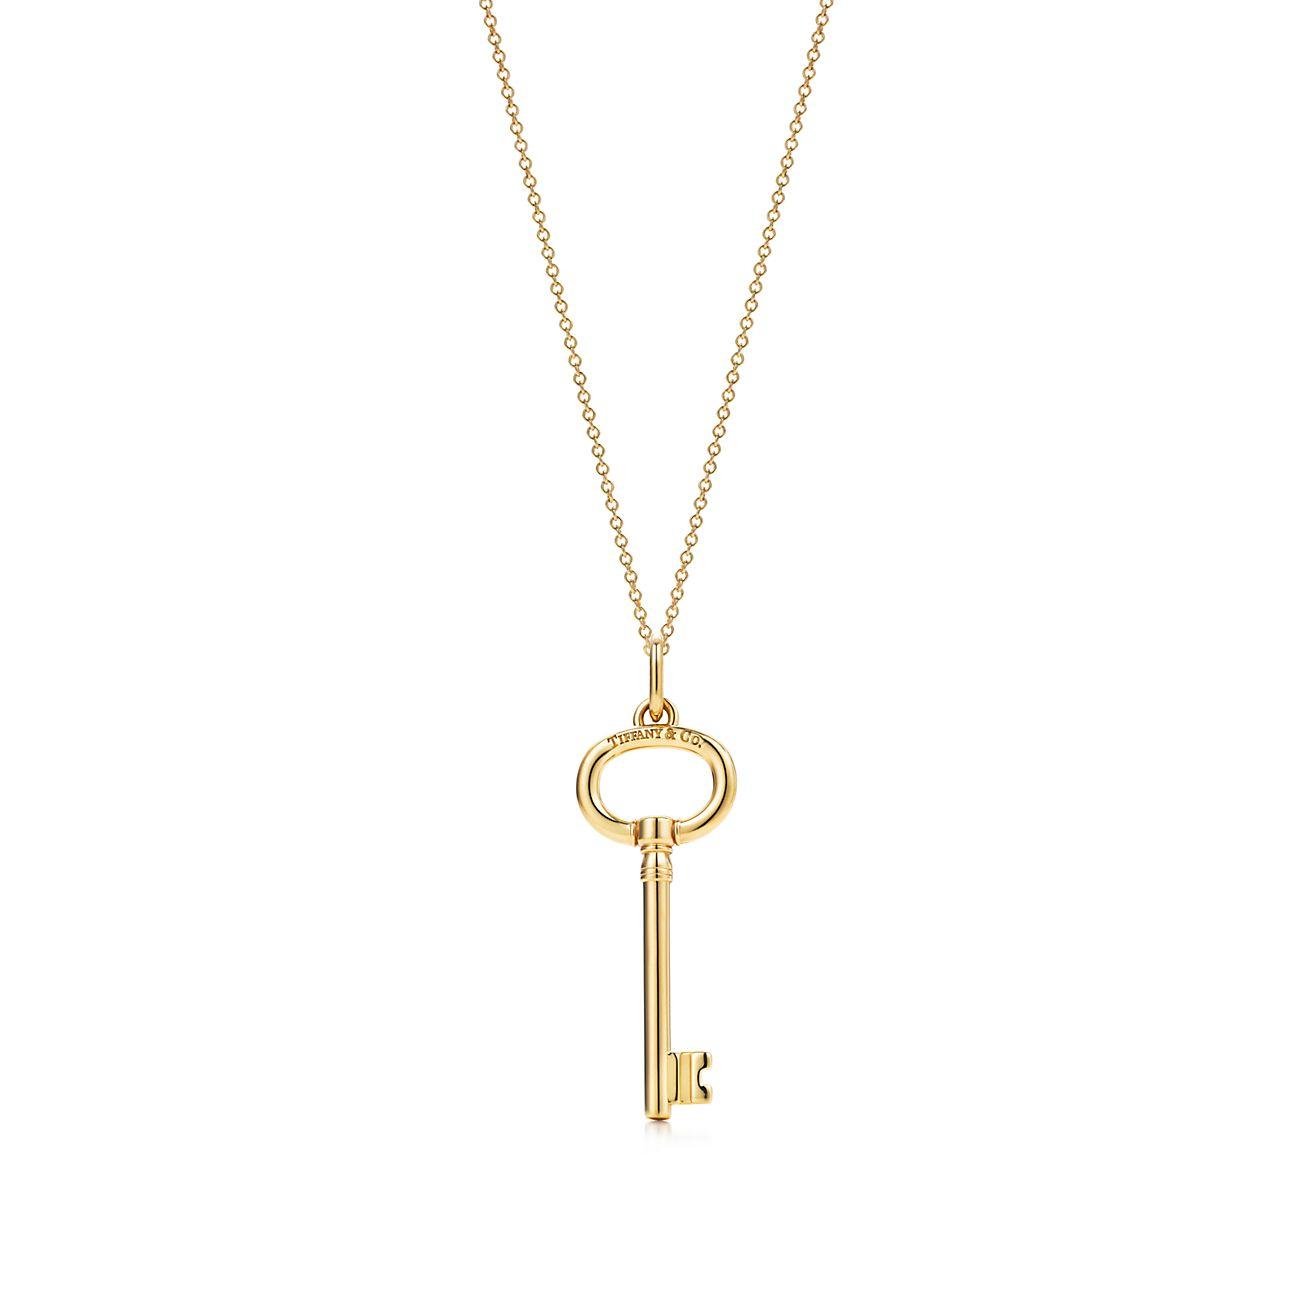 Tiffany Keys oval key pendant in 18k gold on a chain ...